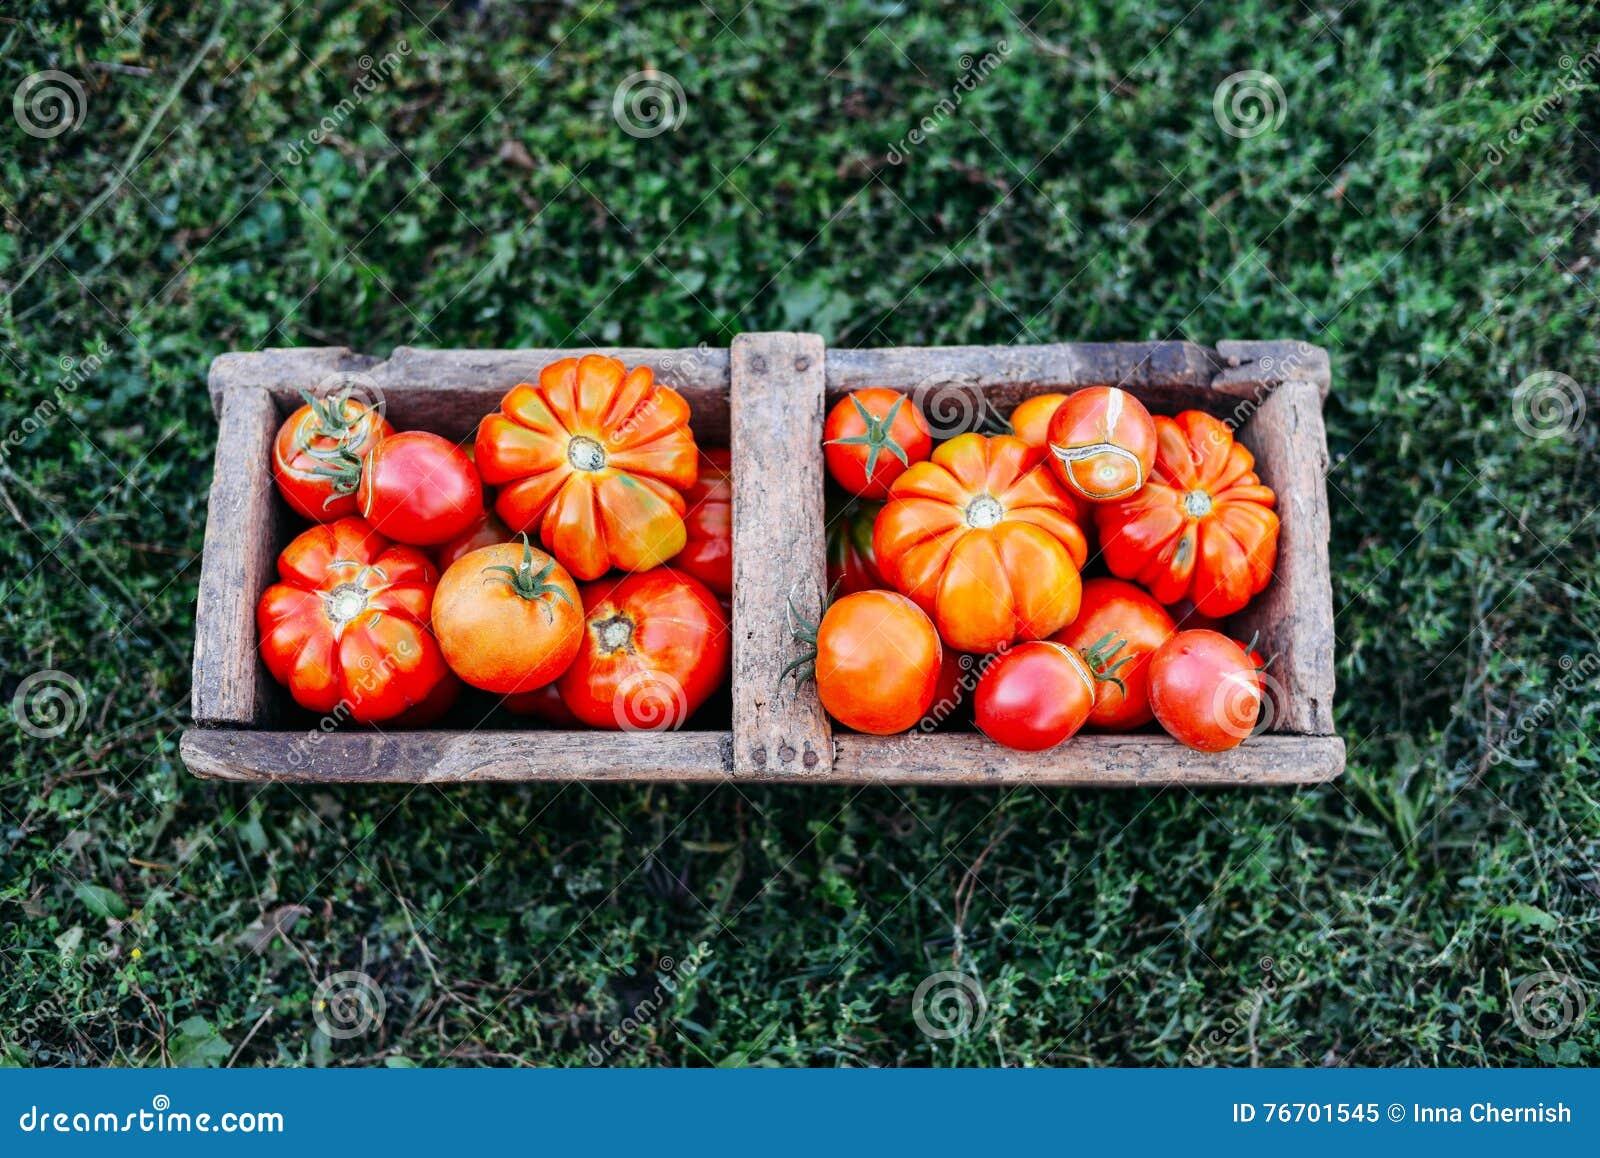 Сортированные томаты в коричневых бумажных сумках Различные томаты в шаре